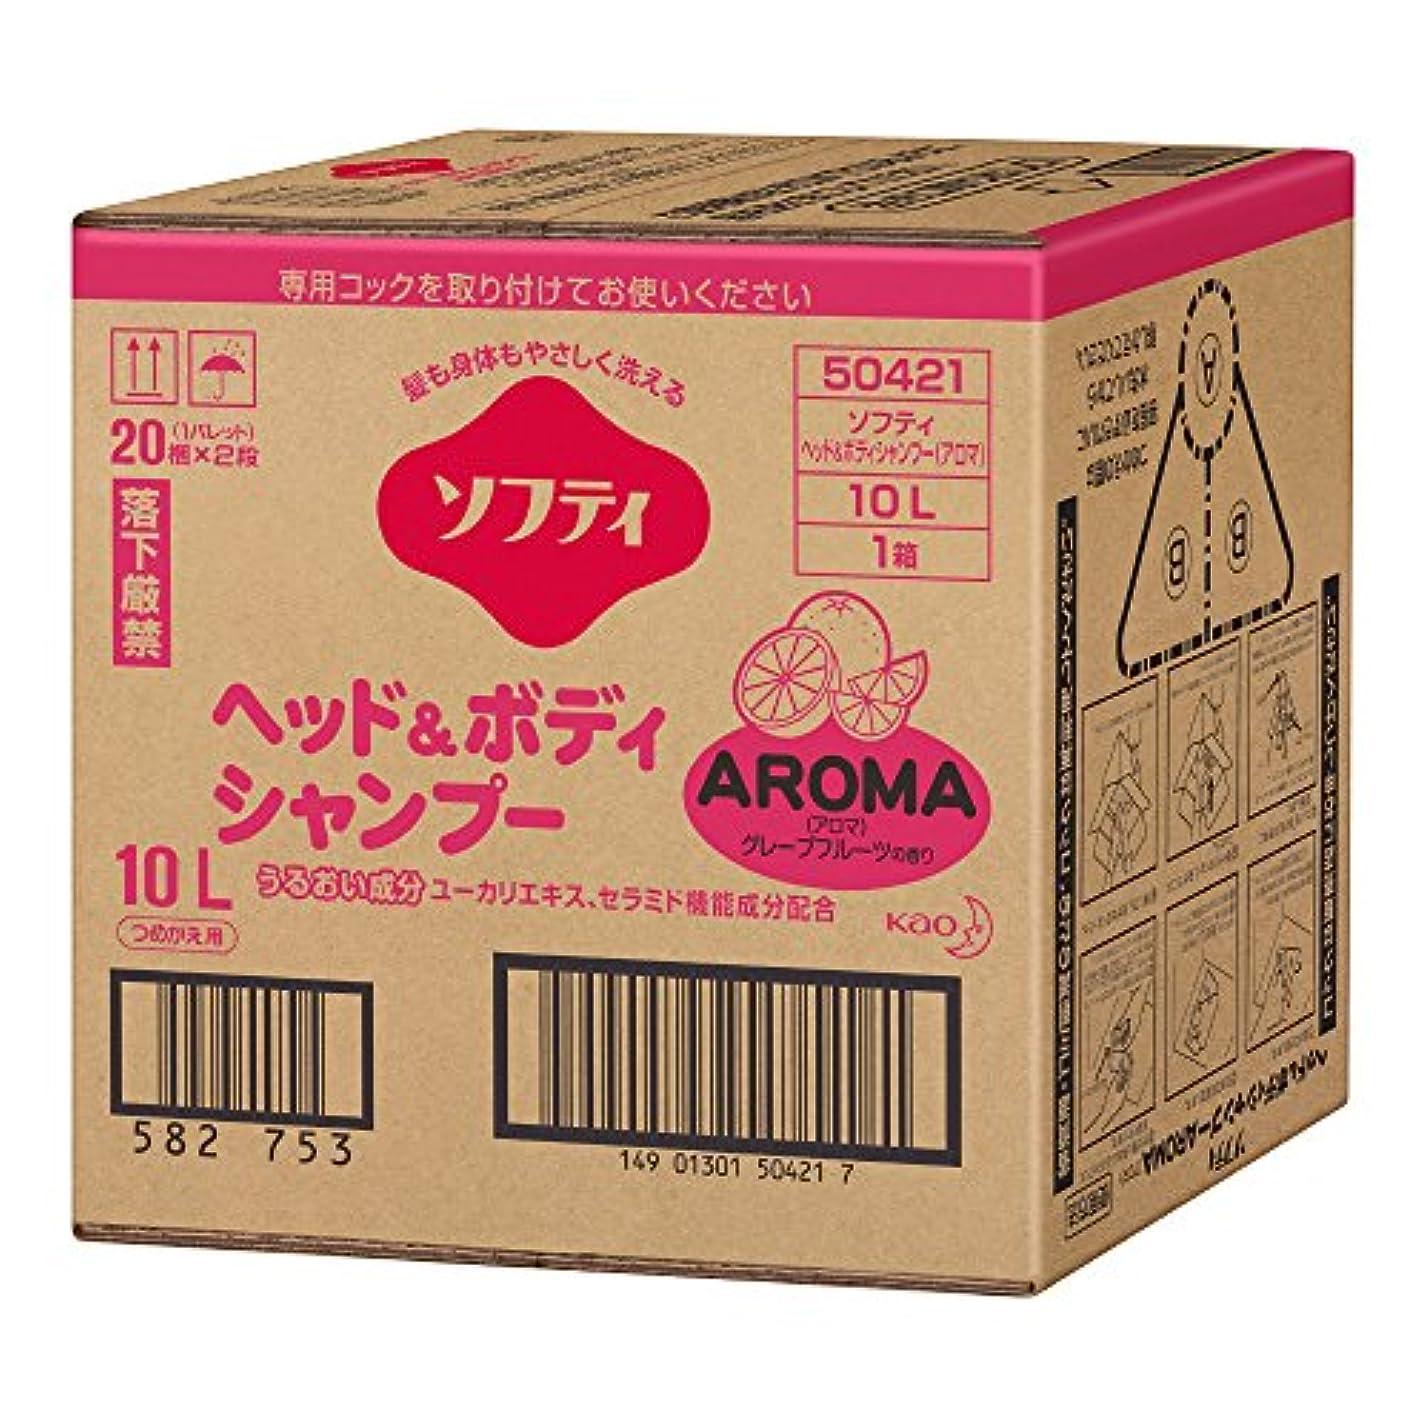 キャンベラ揃える記念碑的なソフティ ヘッド&ボディシャンプーAROMA(アロマ) 10L バッグインボックスタイプ (花王プロフェッショナルシリーズ)